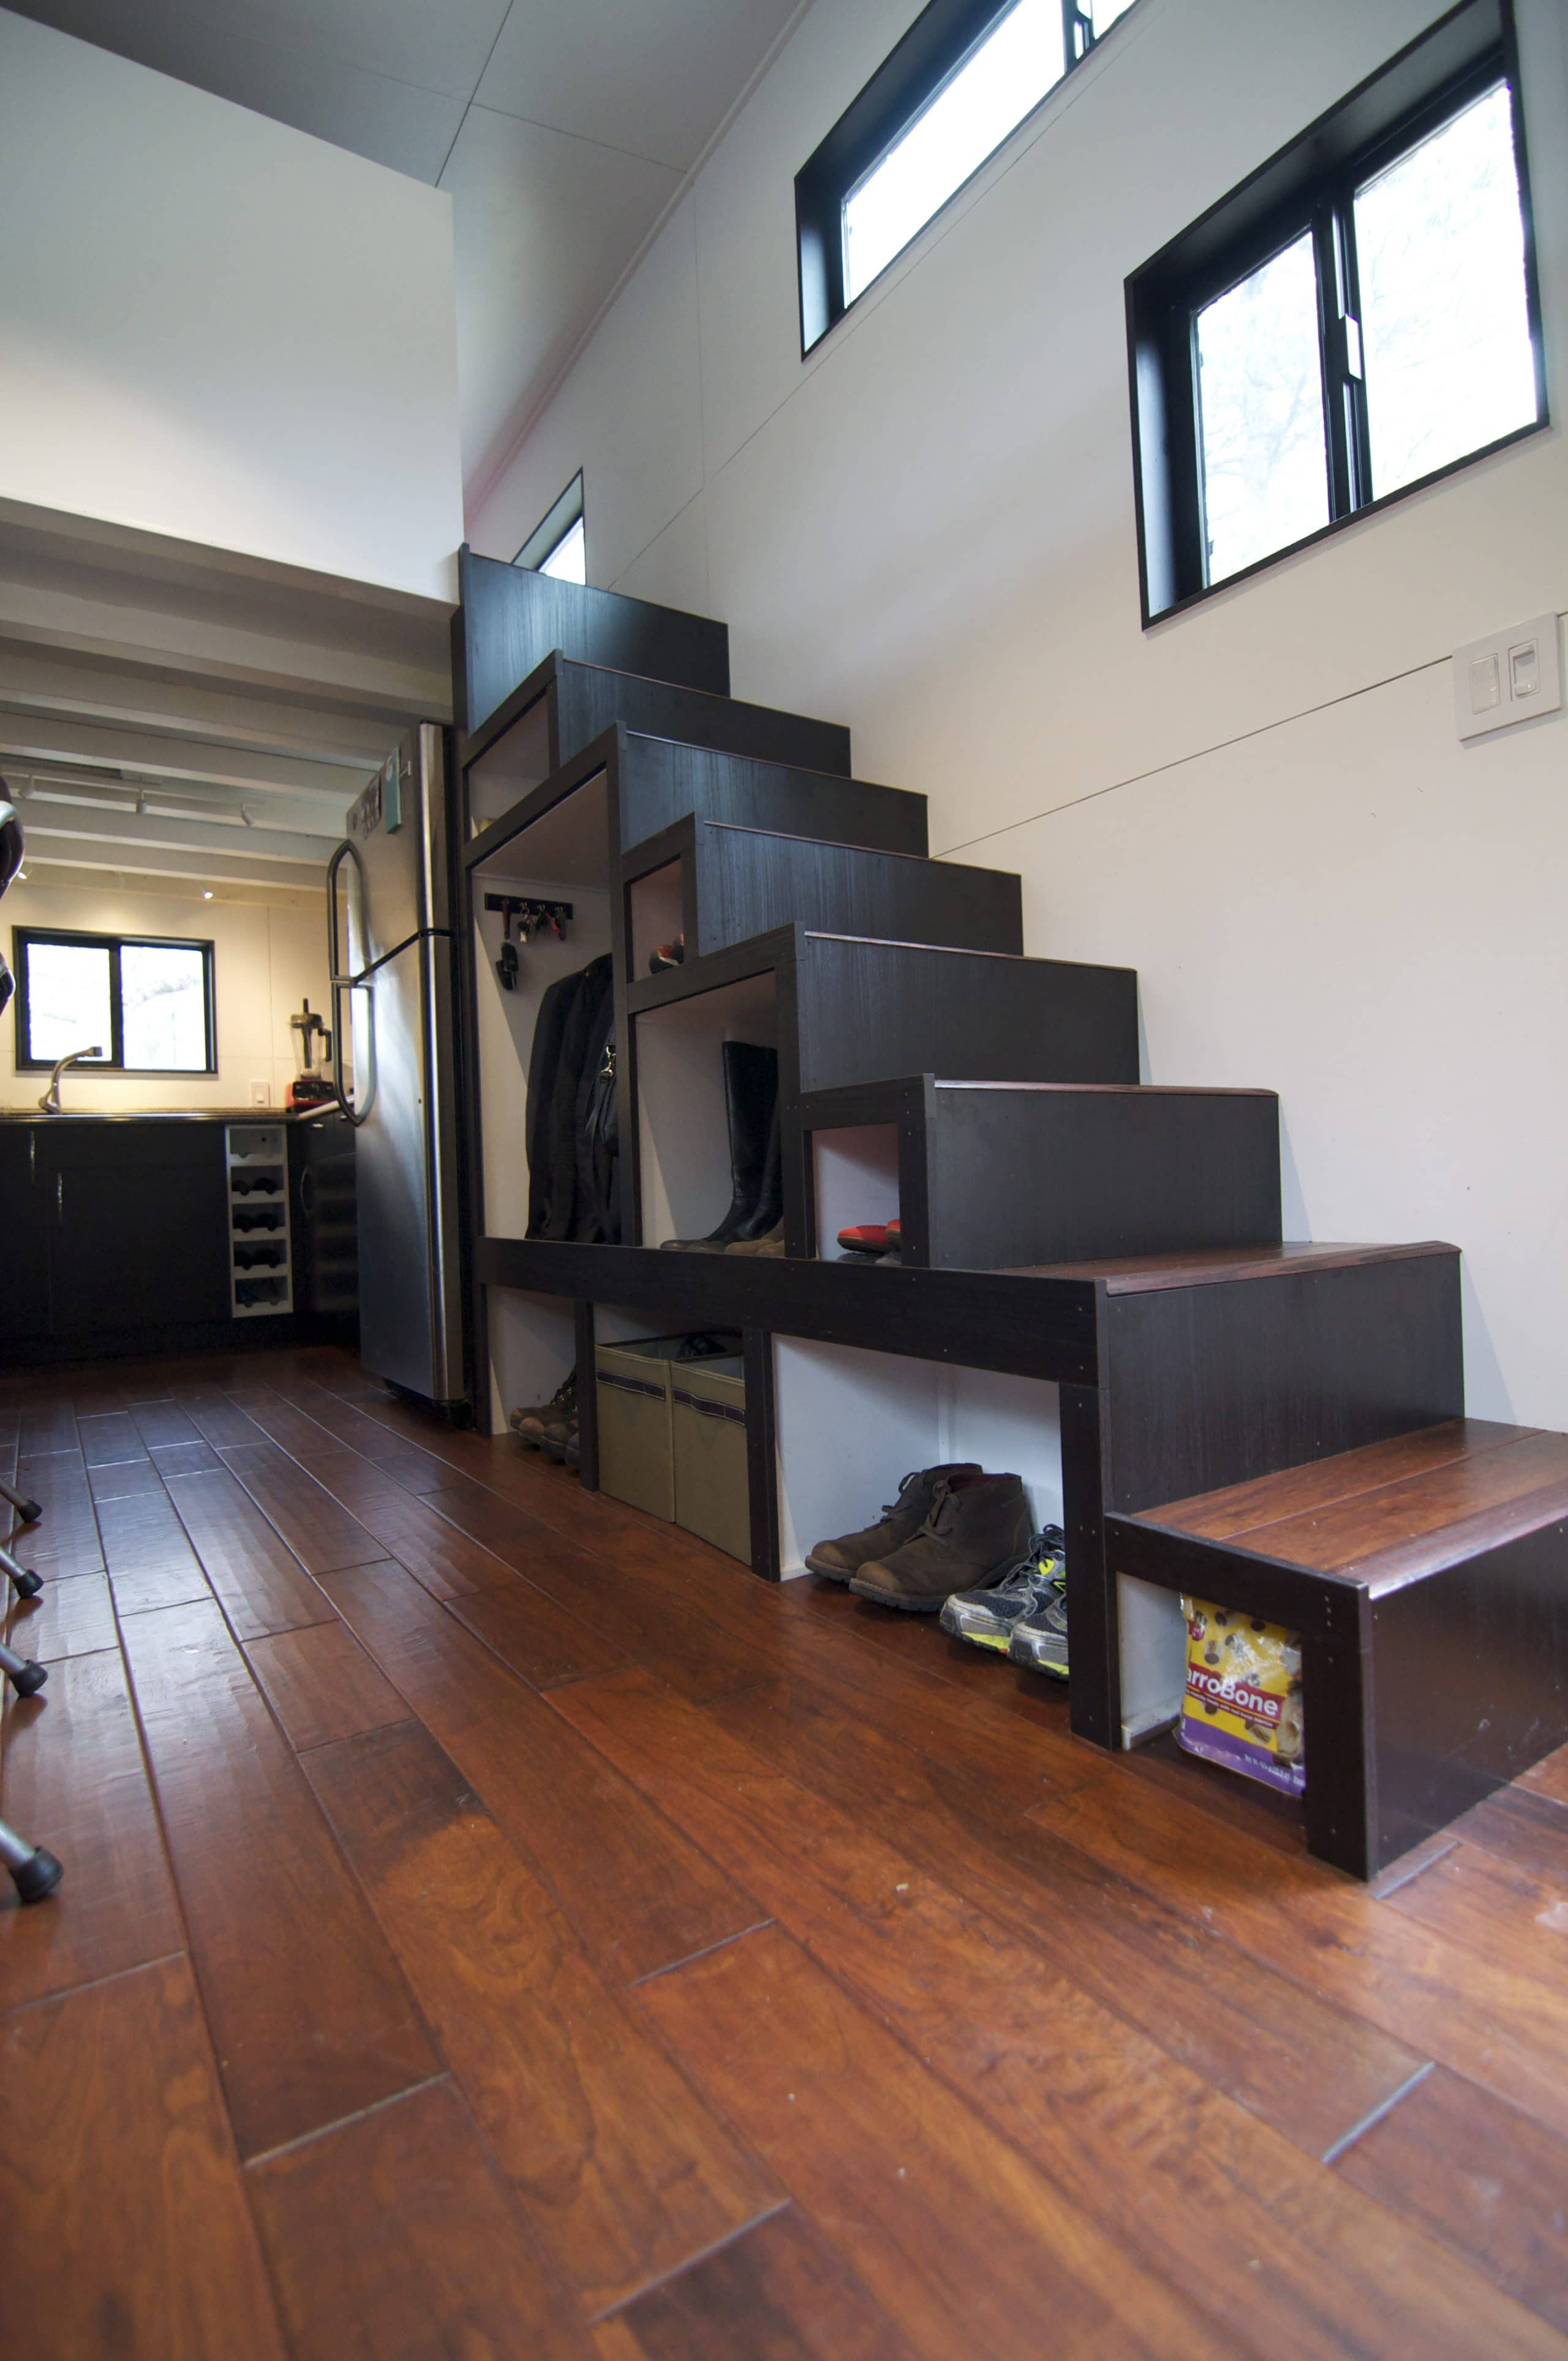 Dise o de casa muy peque a optimizando espacios - Modelos de escaleras de interiores de casas ...